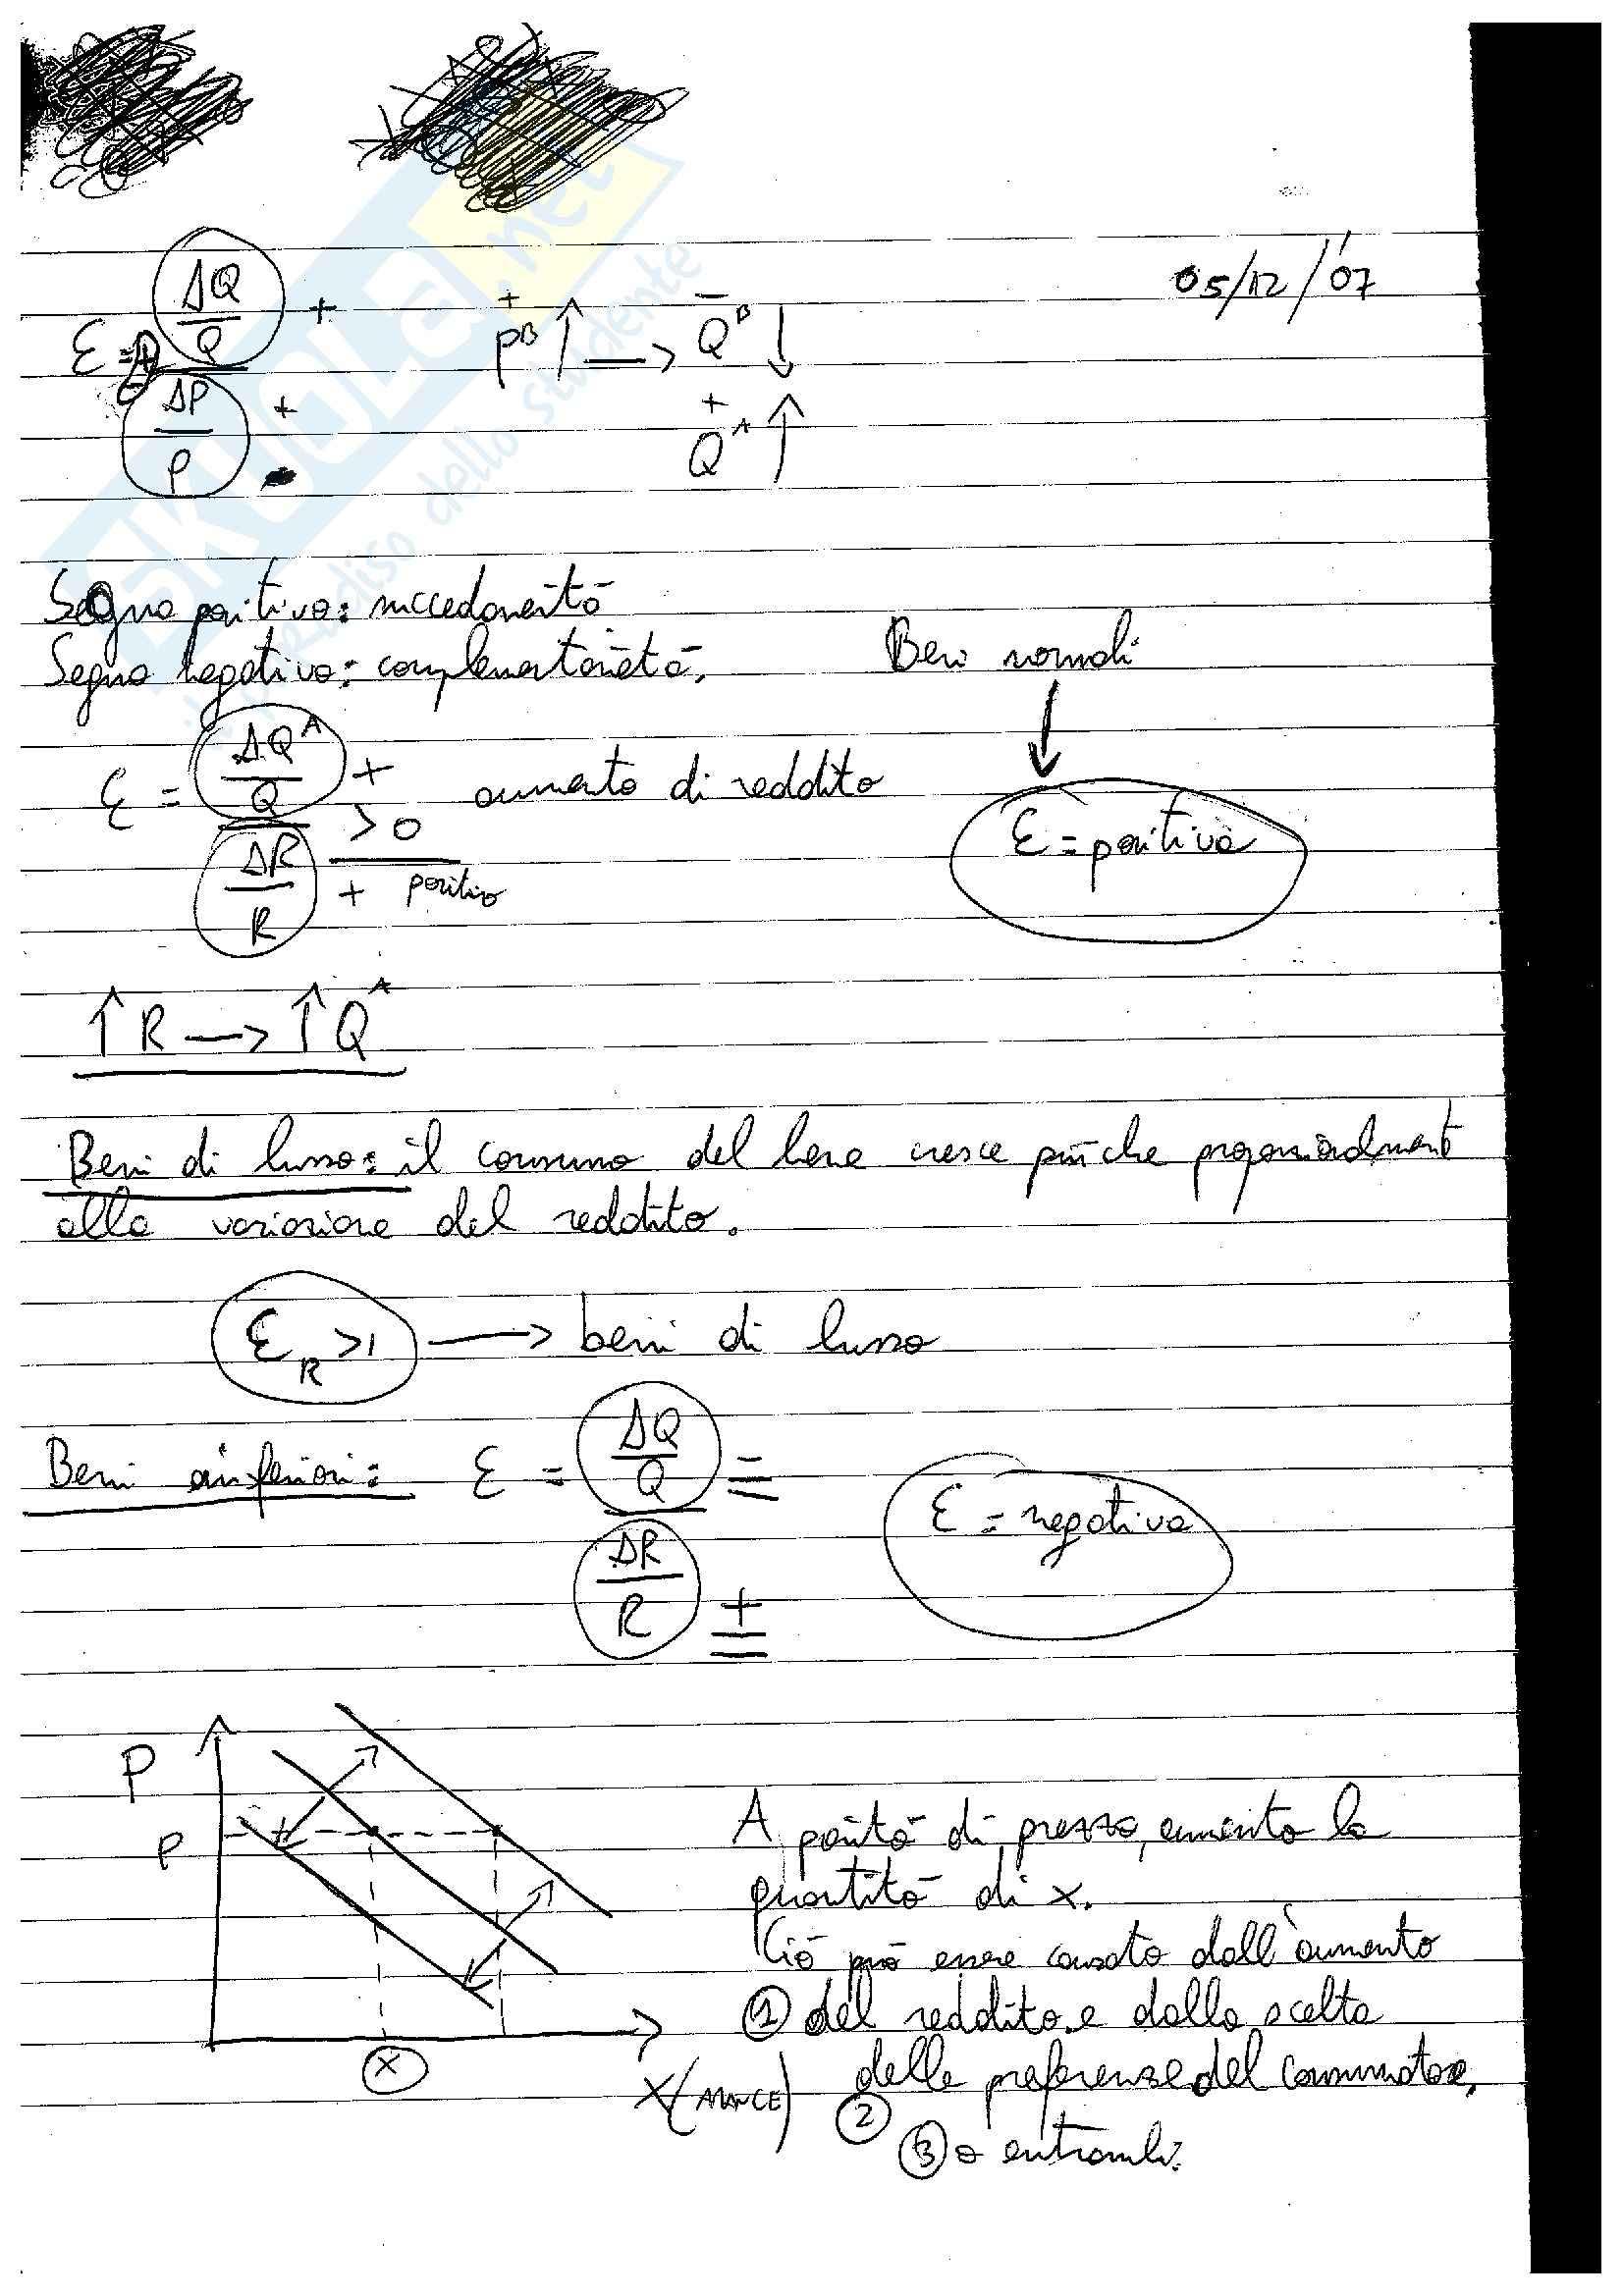 Microeconomia Pag. 26